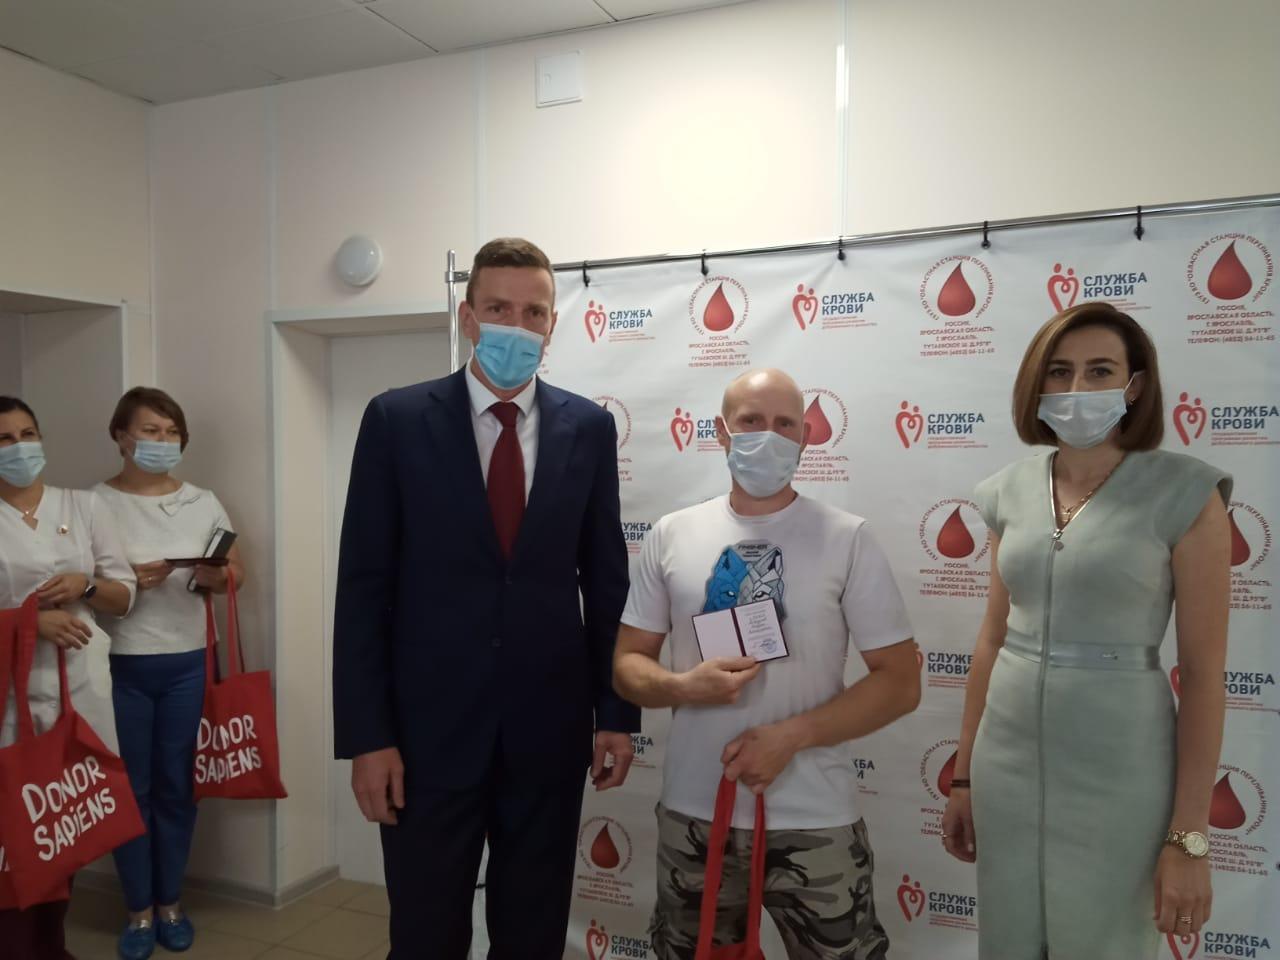 Почетные доноры в Ярославской области получили грамоты и подарки